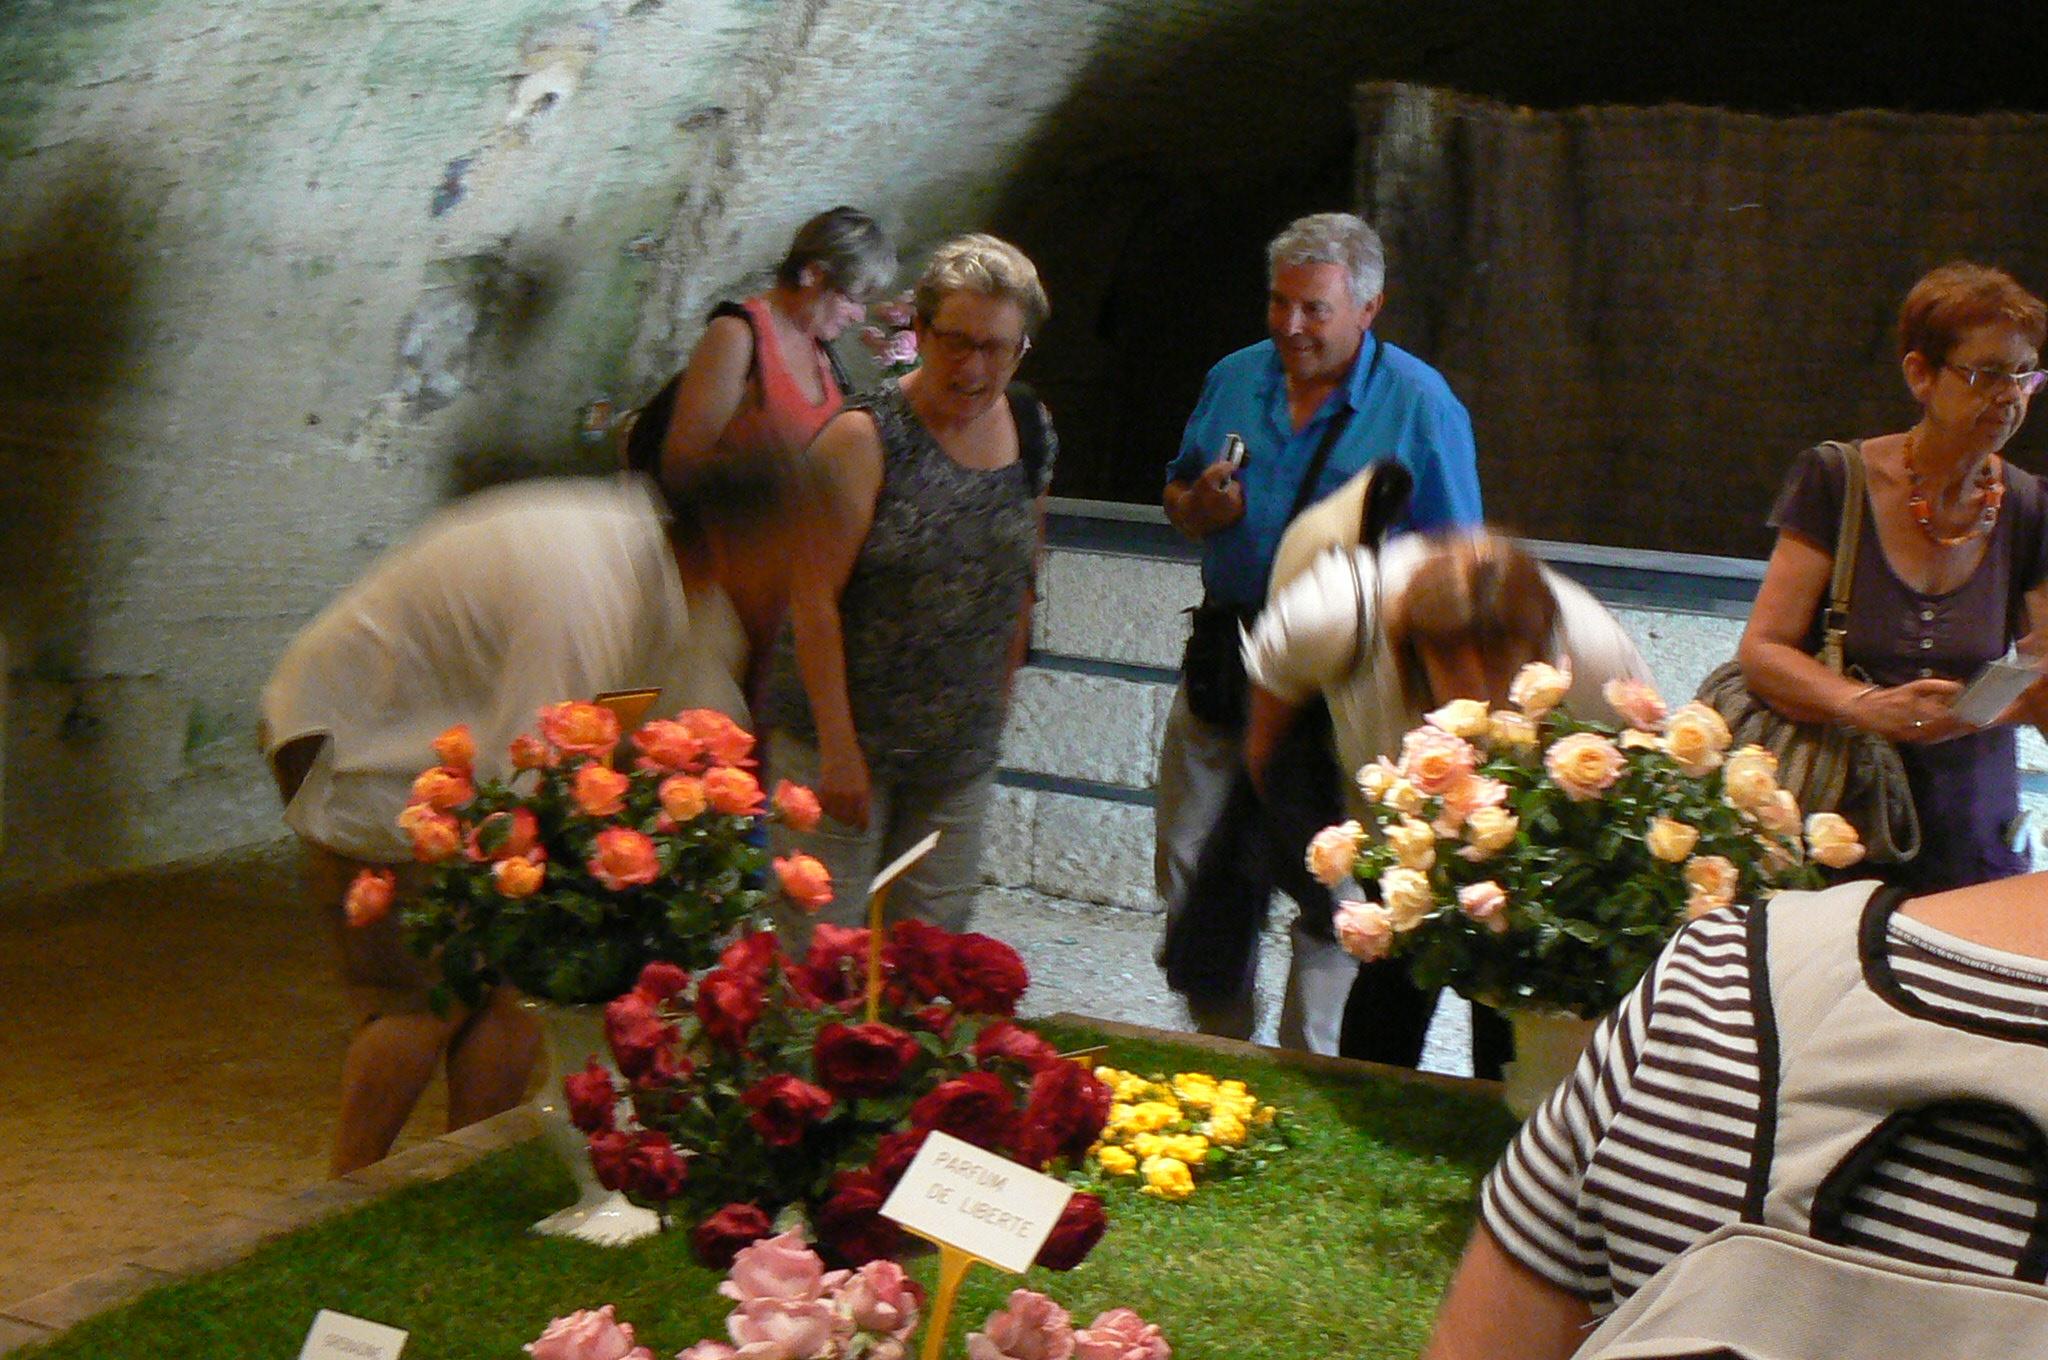 Découverte de la Journée de la Rose, c'est magnifique, romantique et coloré ! sublime...